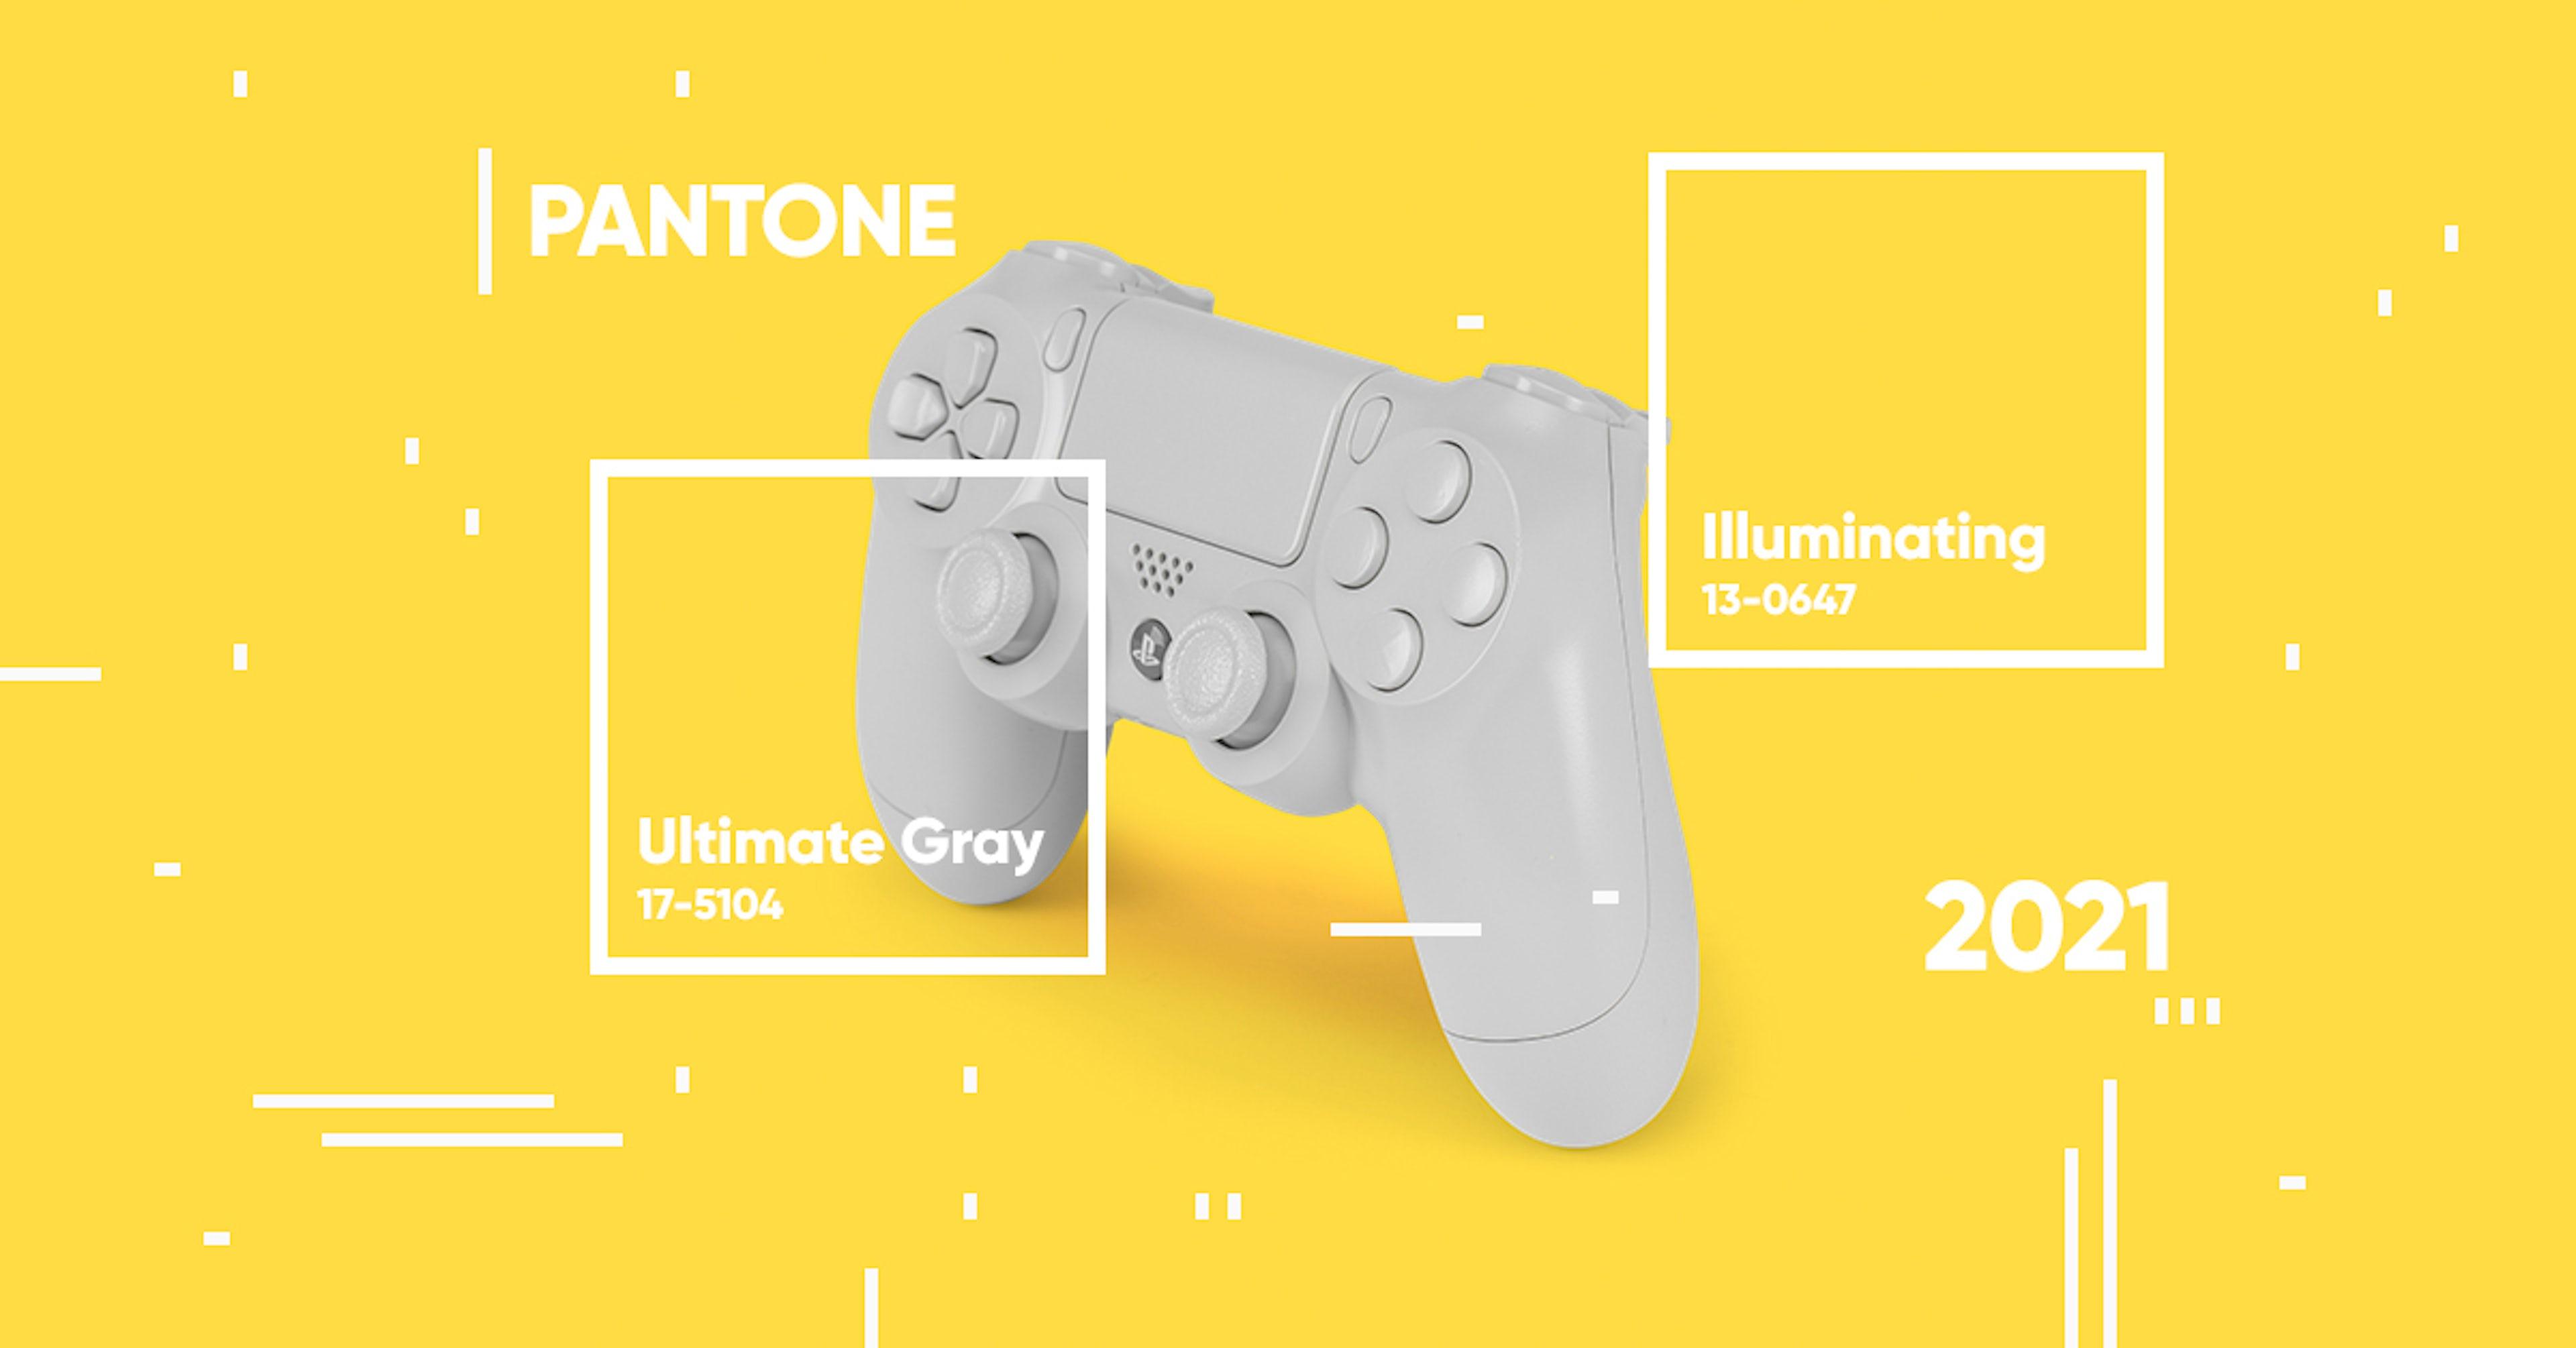 Revelación Pantone color 2021: ultimate gray + illuminating